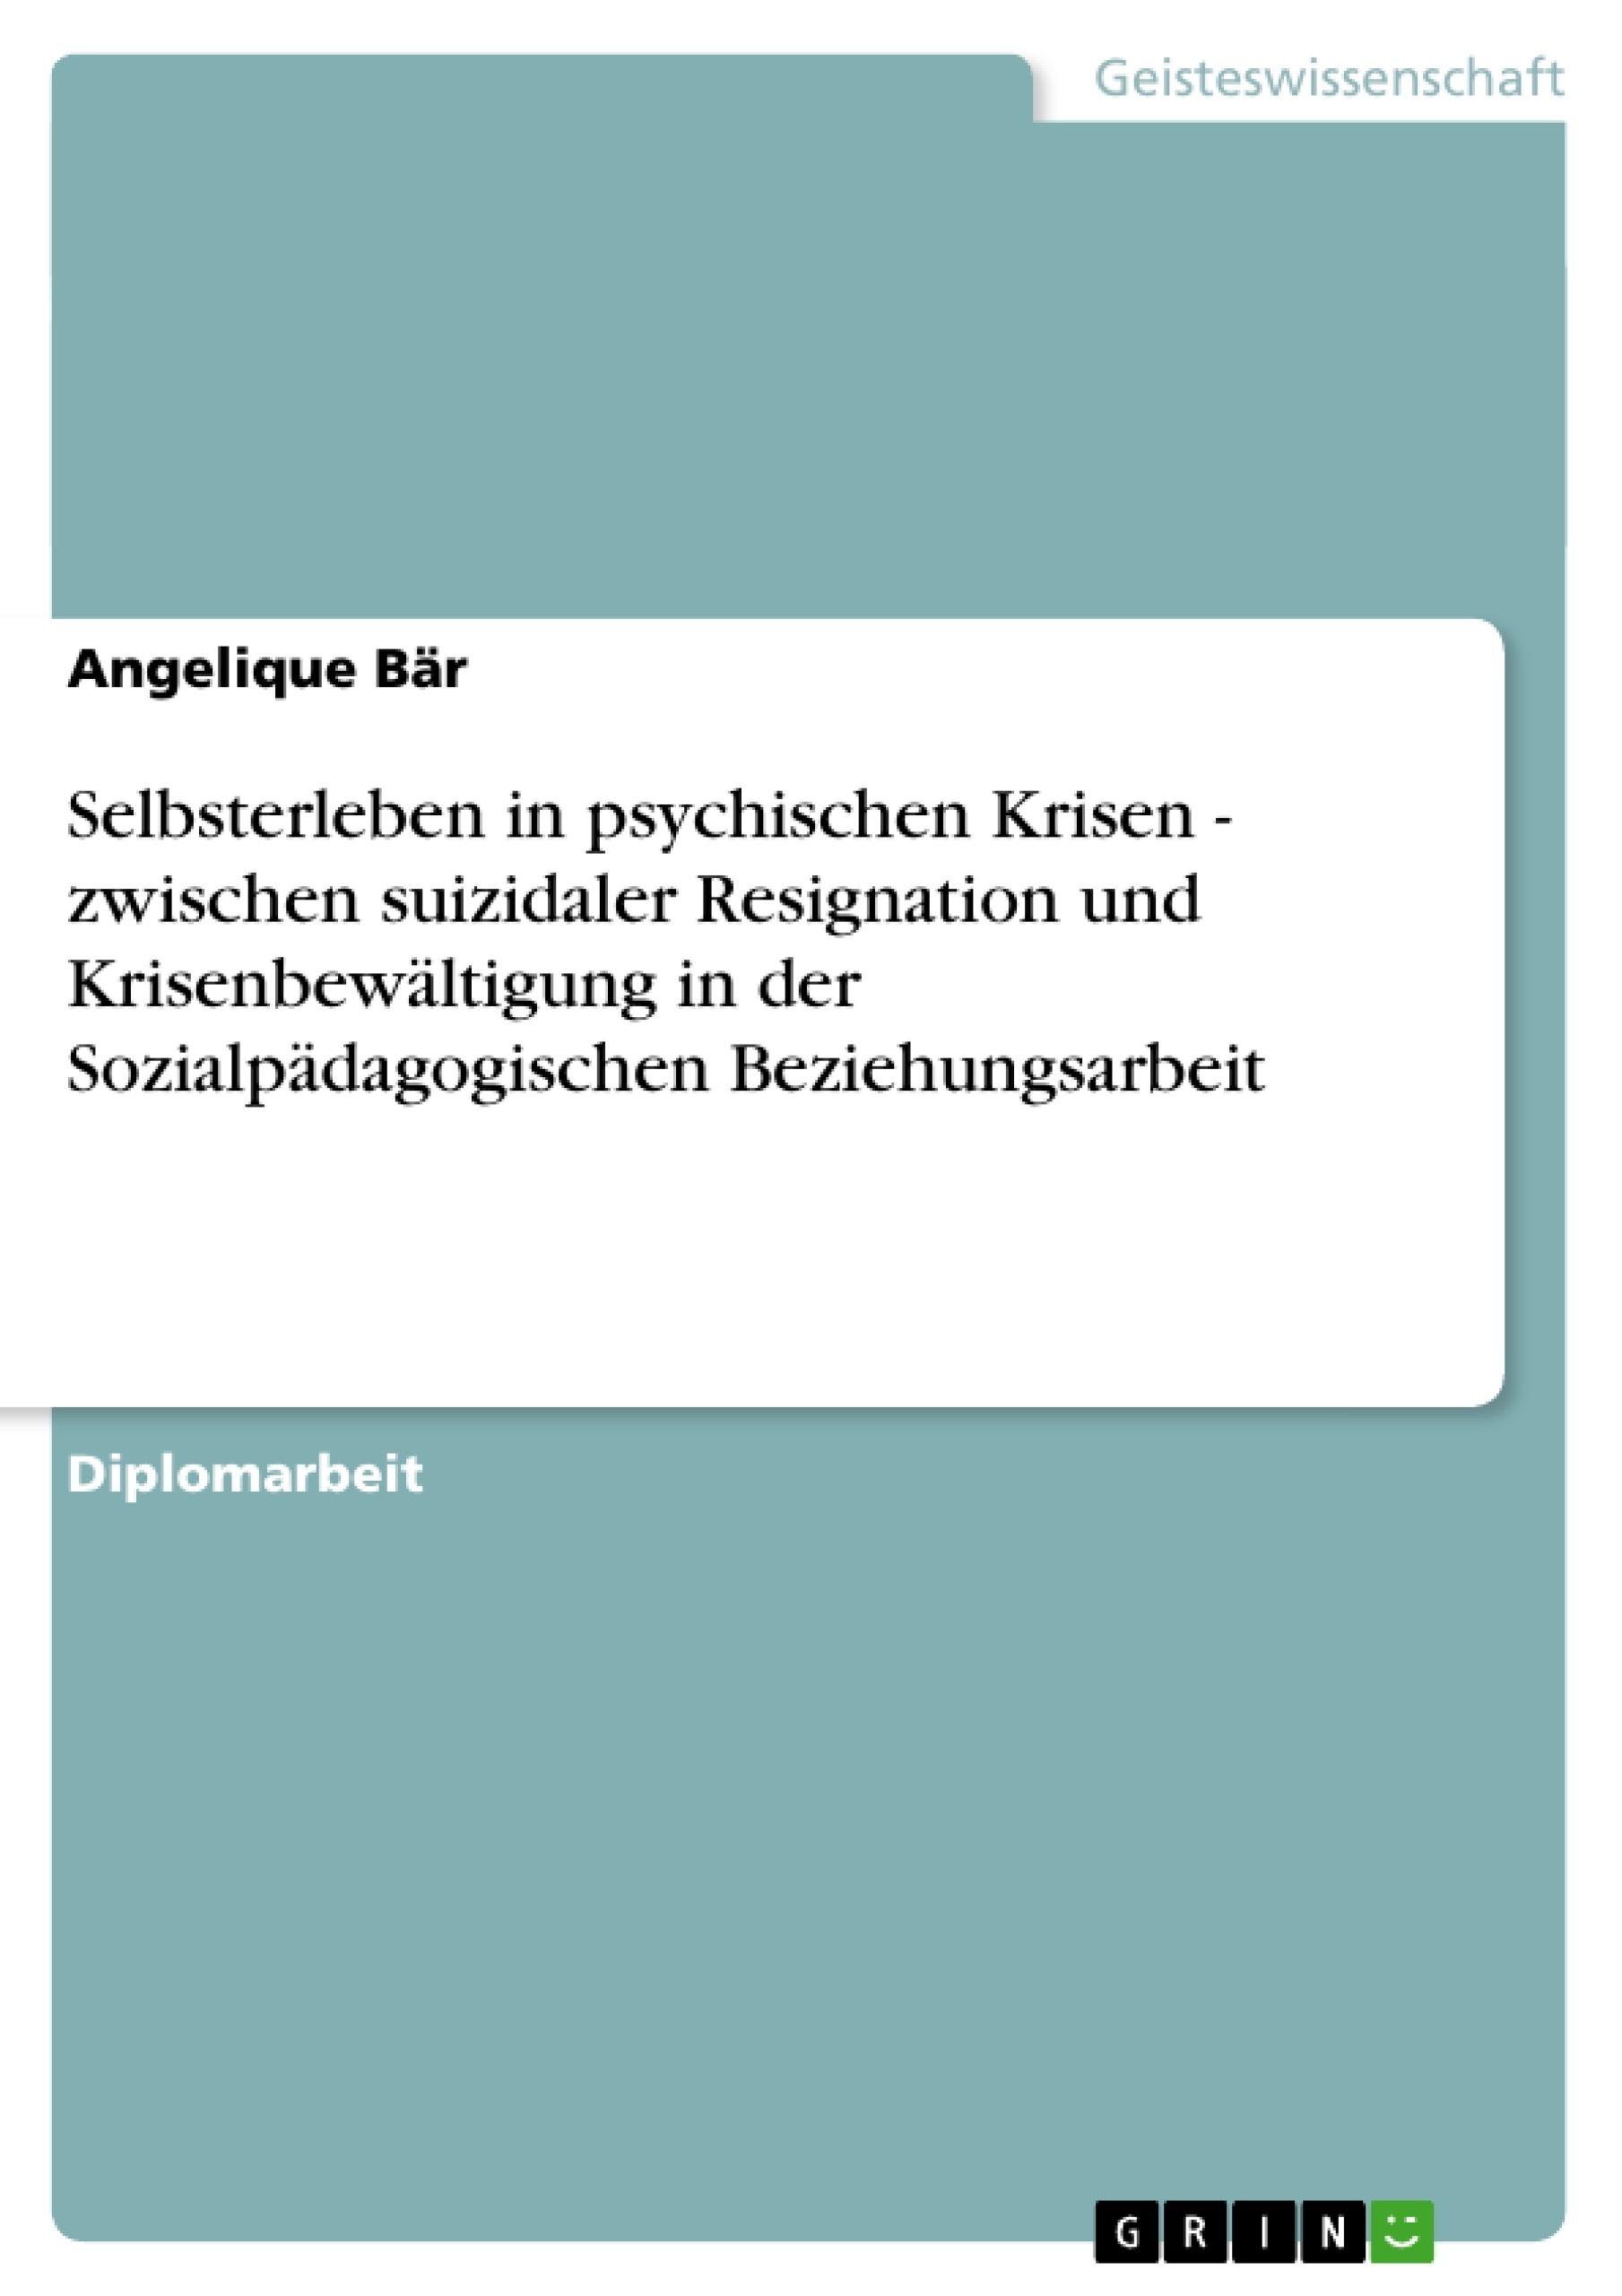 Titel: Selbsterleben in psychischen Krisen - zwischen suizidaler Resignation und Krisenbewältigung in der Sozialpädagogischen Beziehungsarbeit